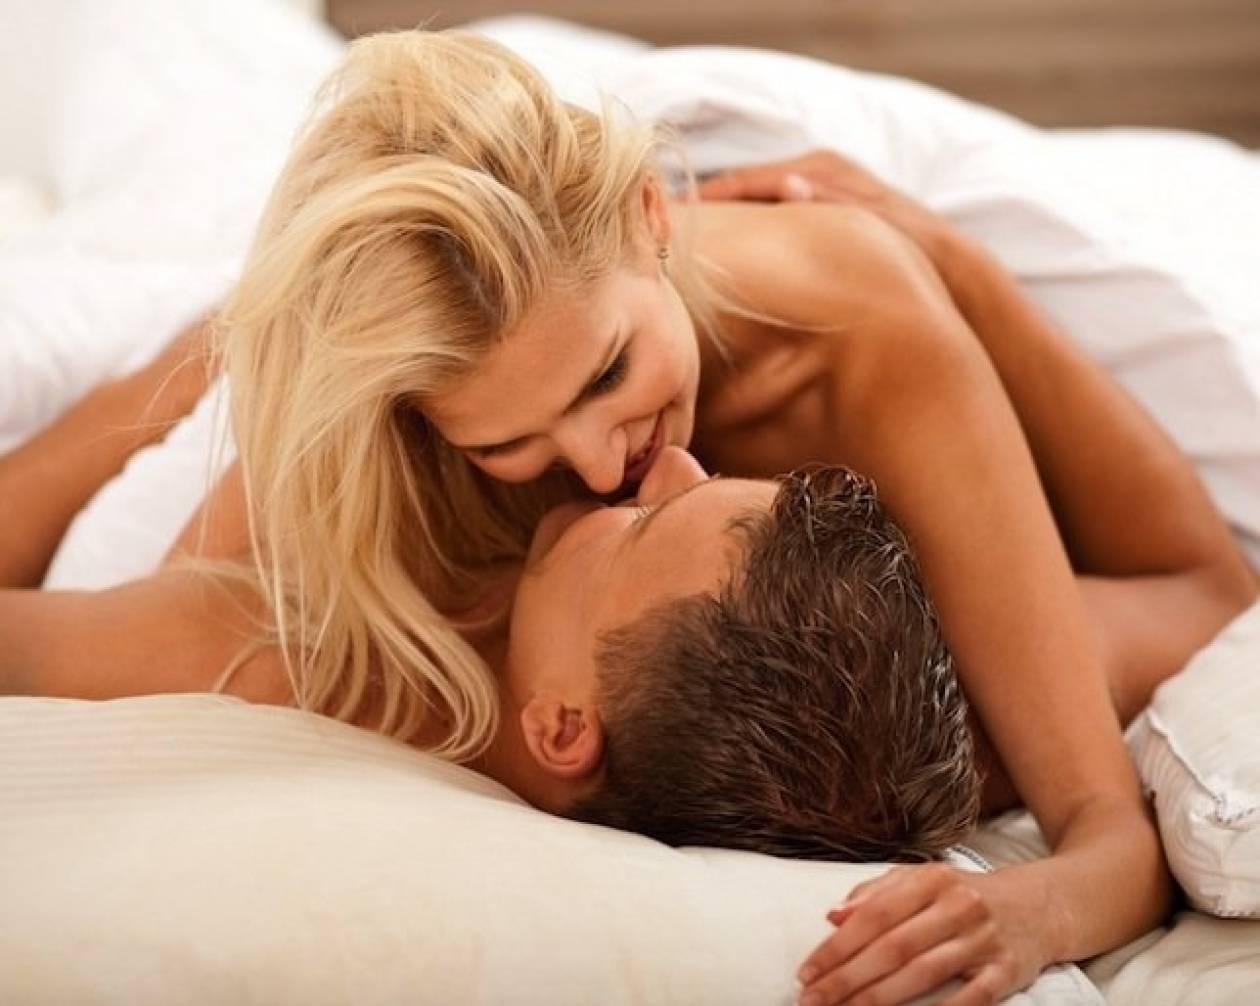 μεγάλο πέος σεξ com κινούμενα σχέδια sex.net